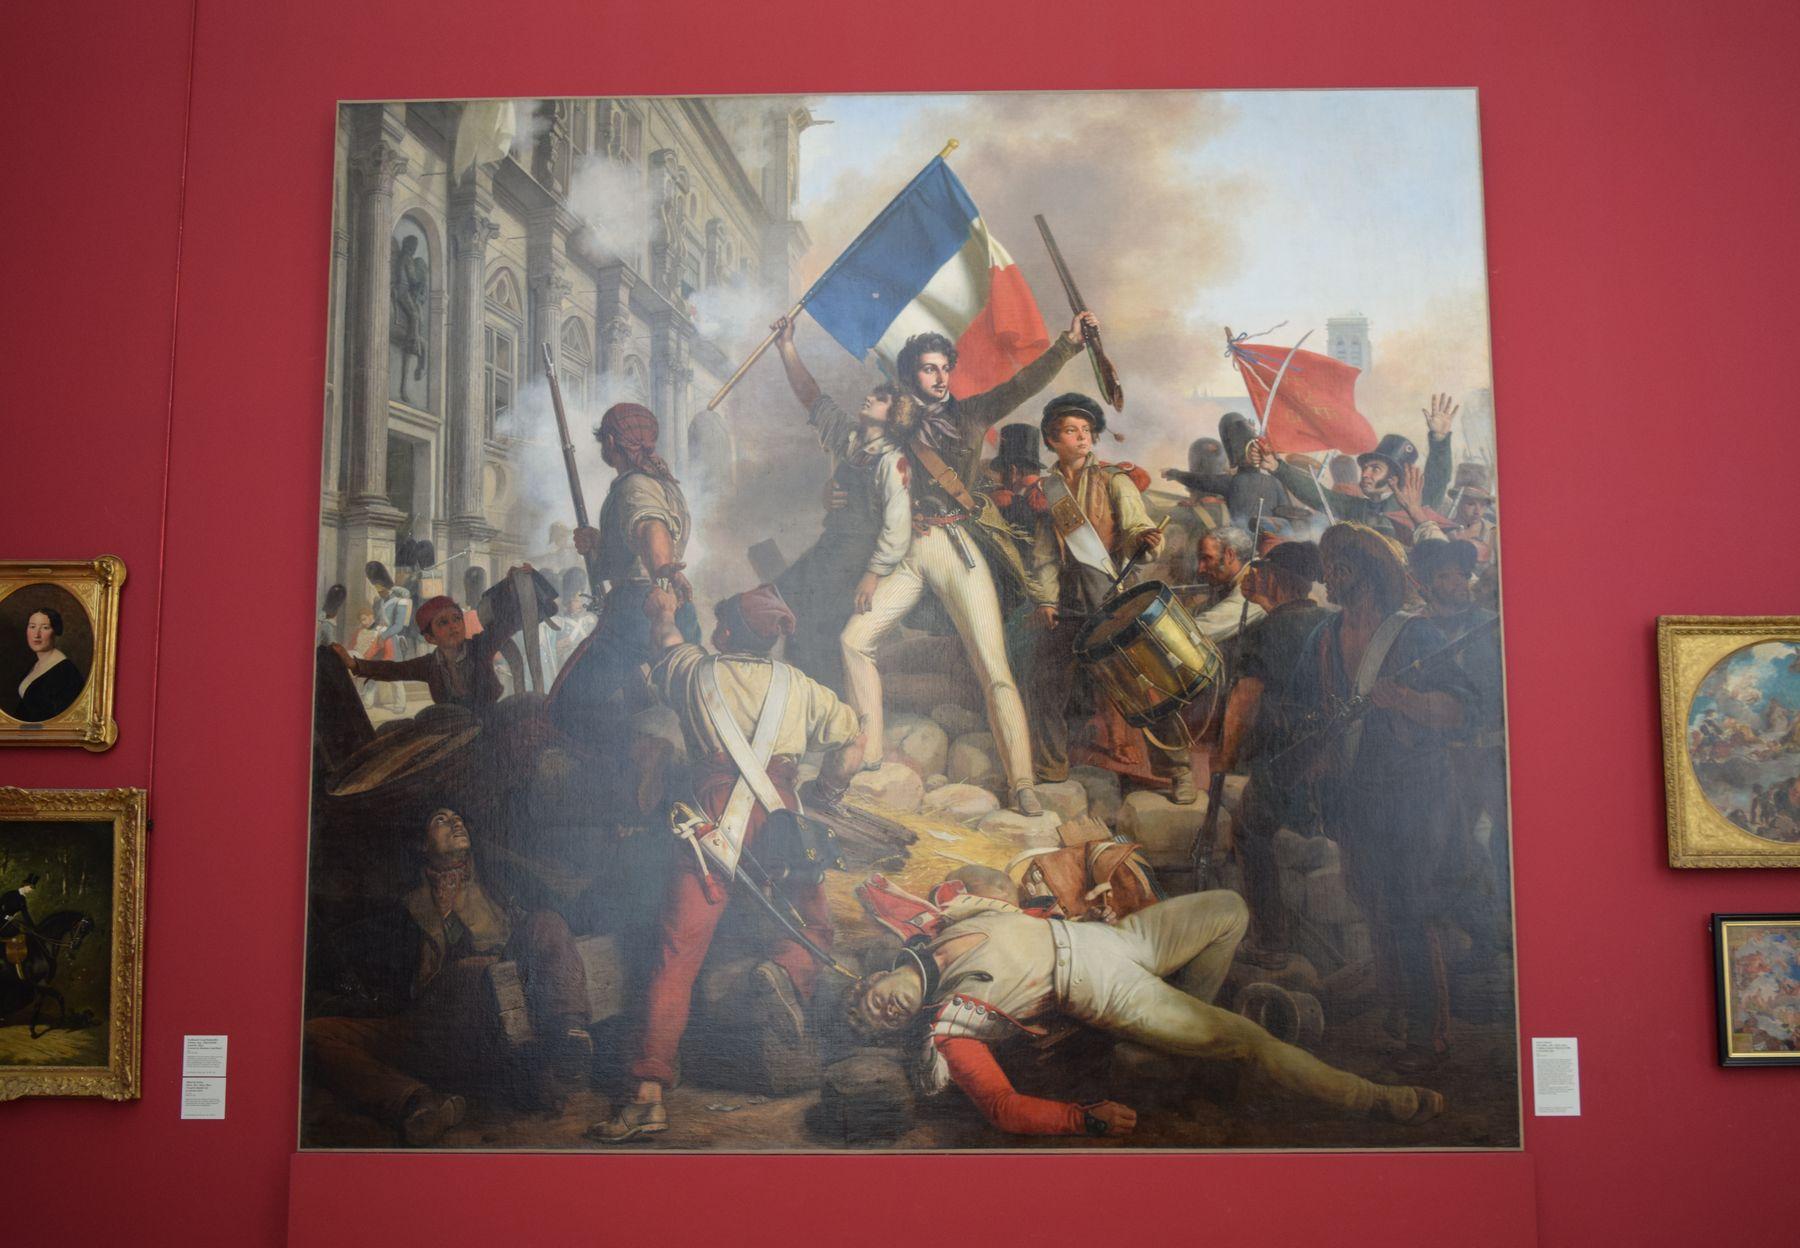 Combat devant l'Hotel de Ville, le 28 juillet 1830, by Victor Schnetz, Petit Palais, Paris